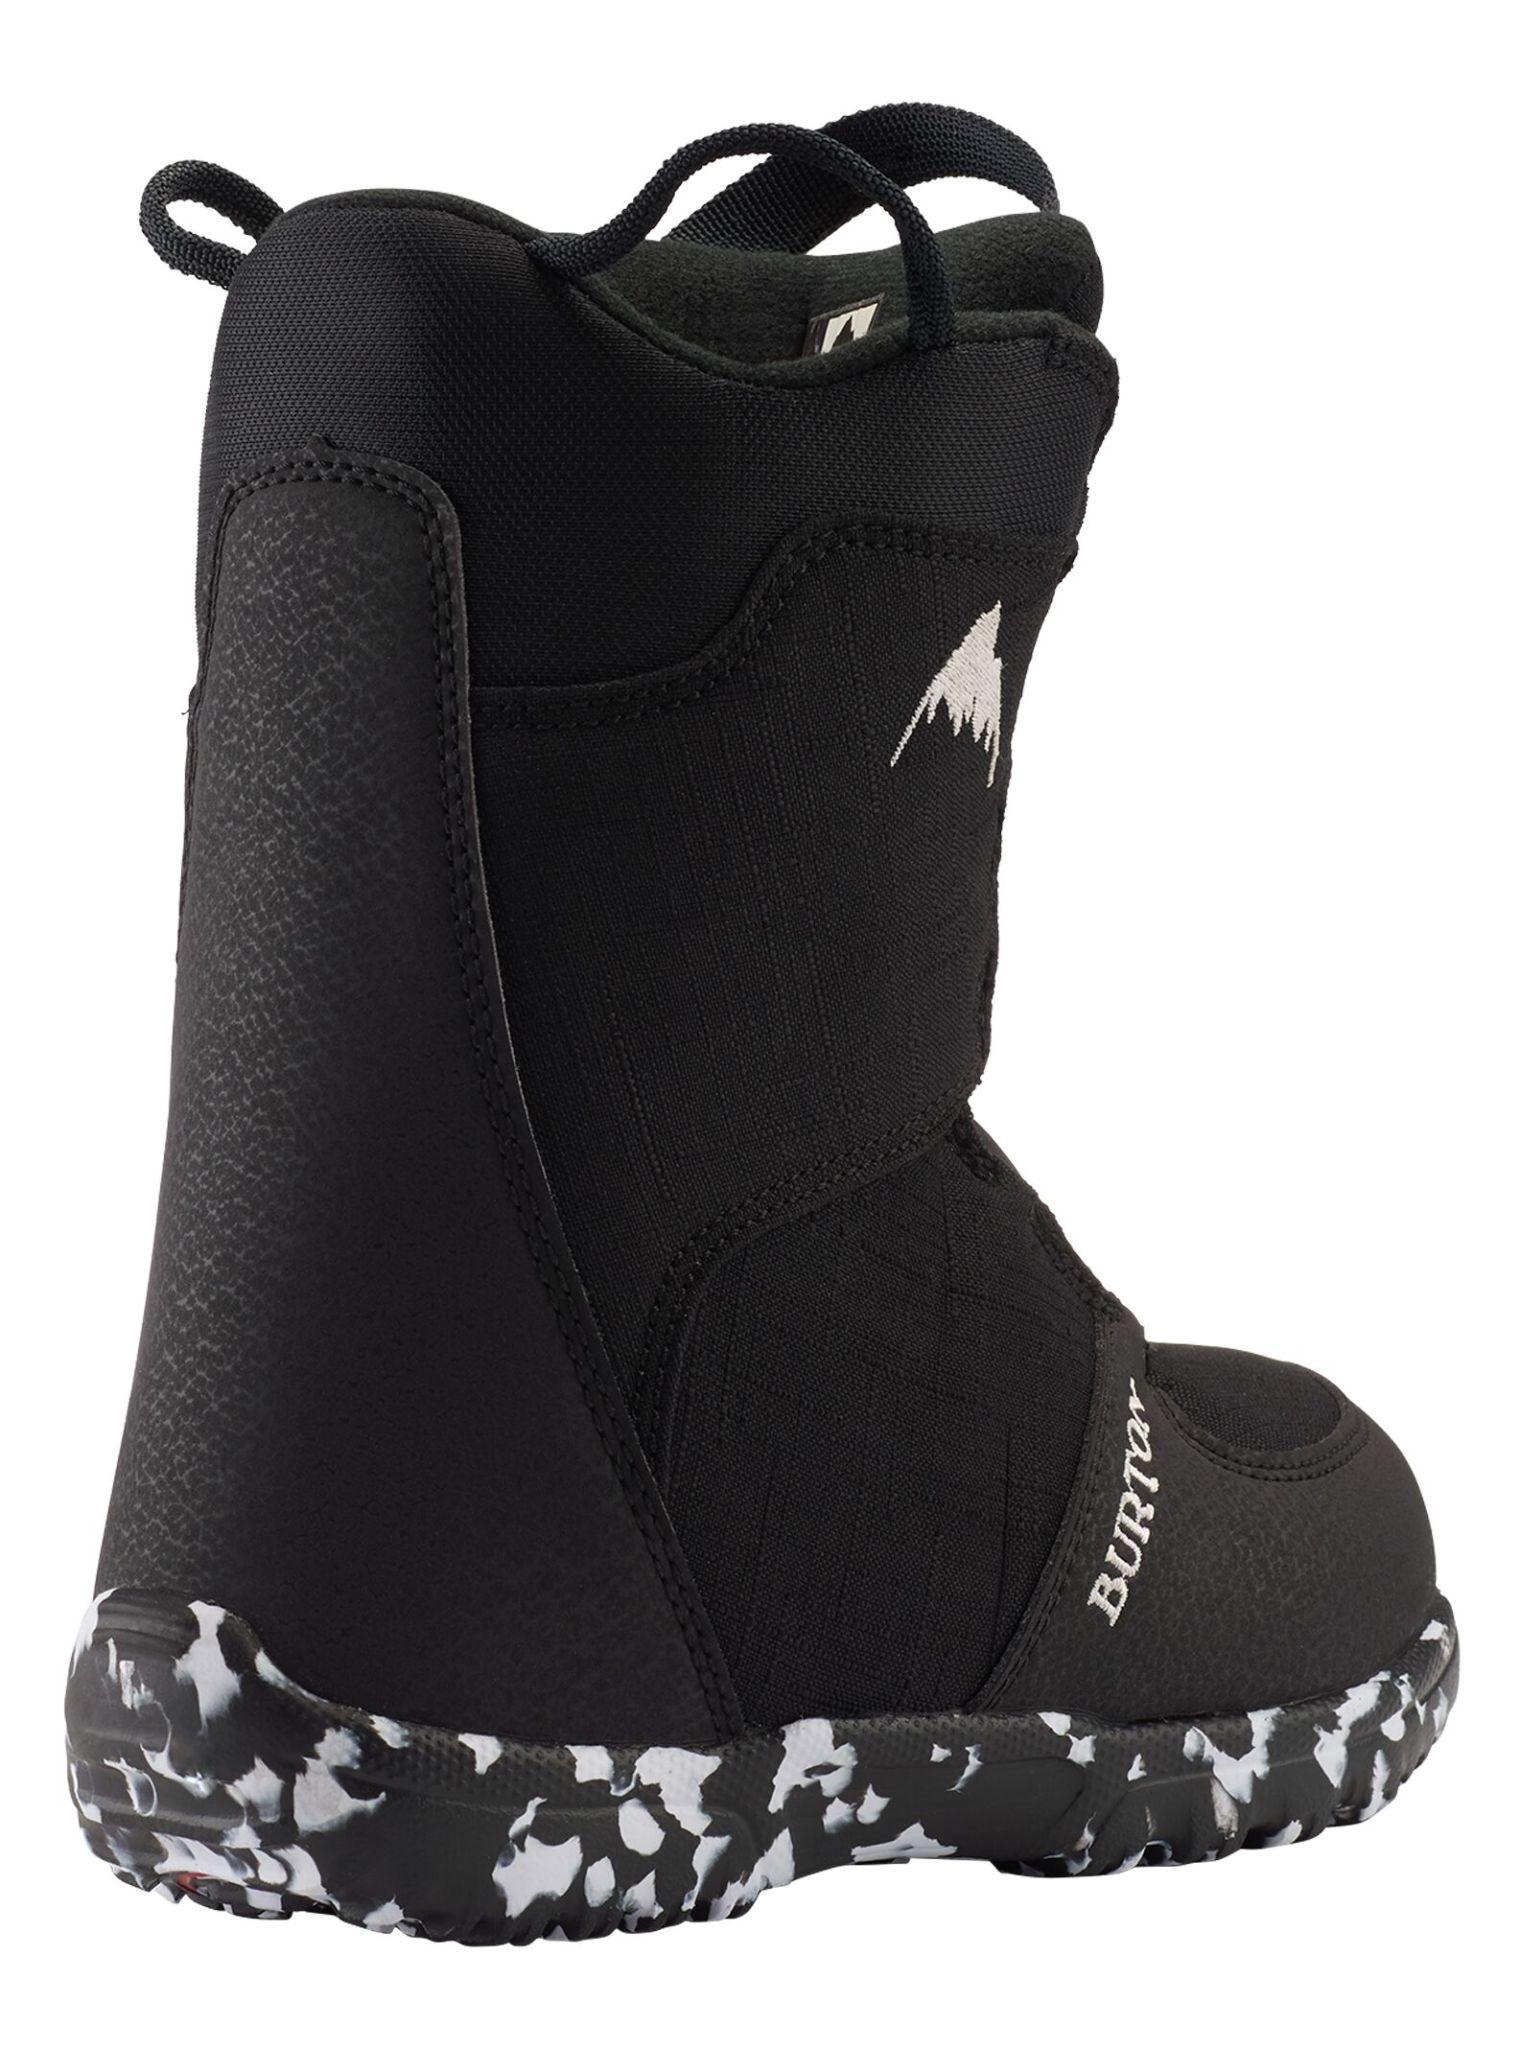 Burton Burton Kids Grom Boa Snowboard Boot (2021)